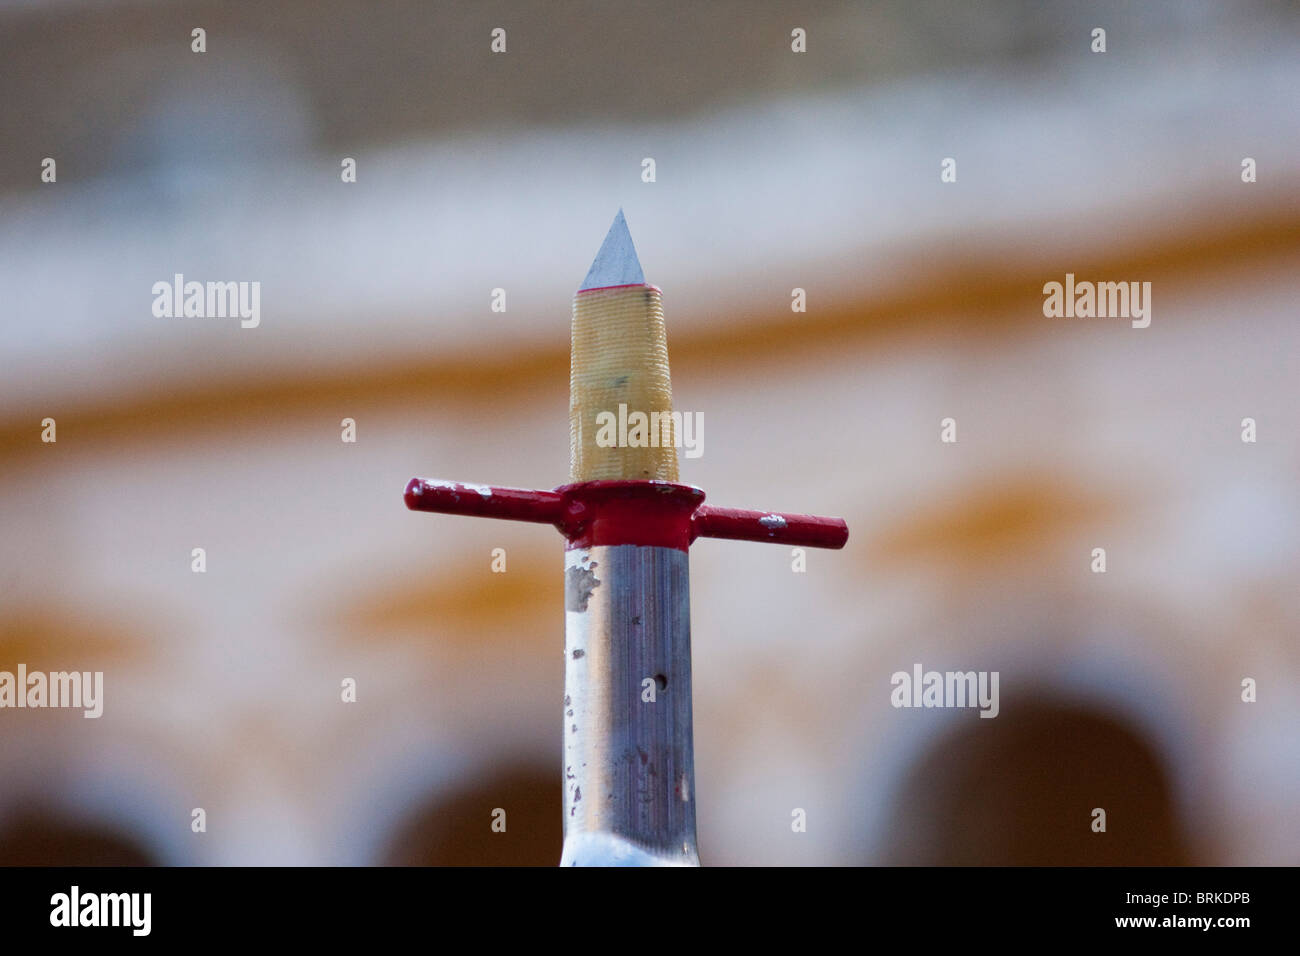 sharp dagger type blade used in bull fighting scene in sevilla, spain - Stock Image